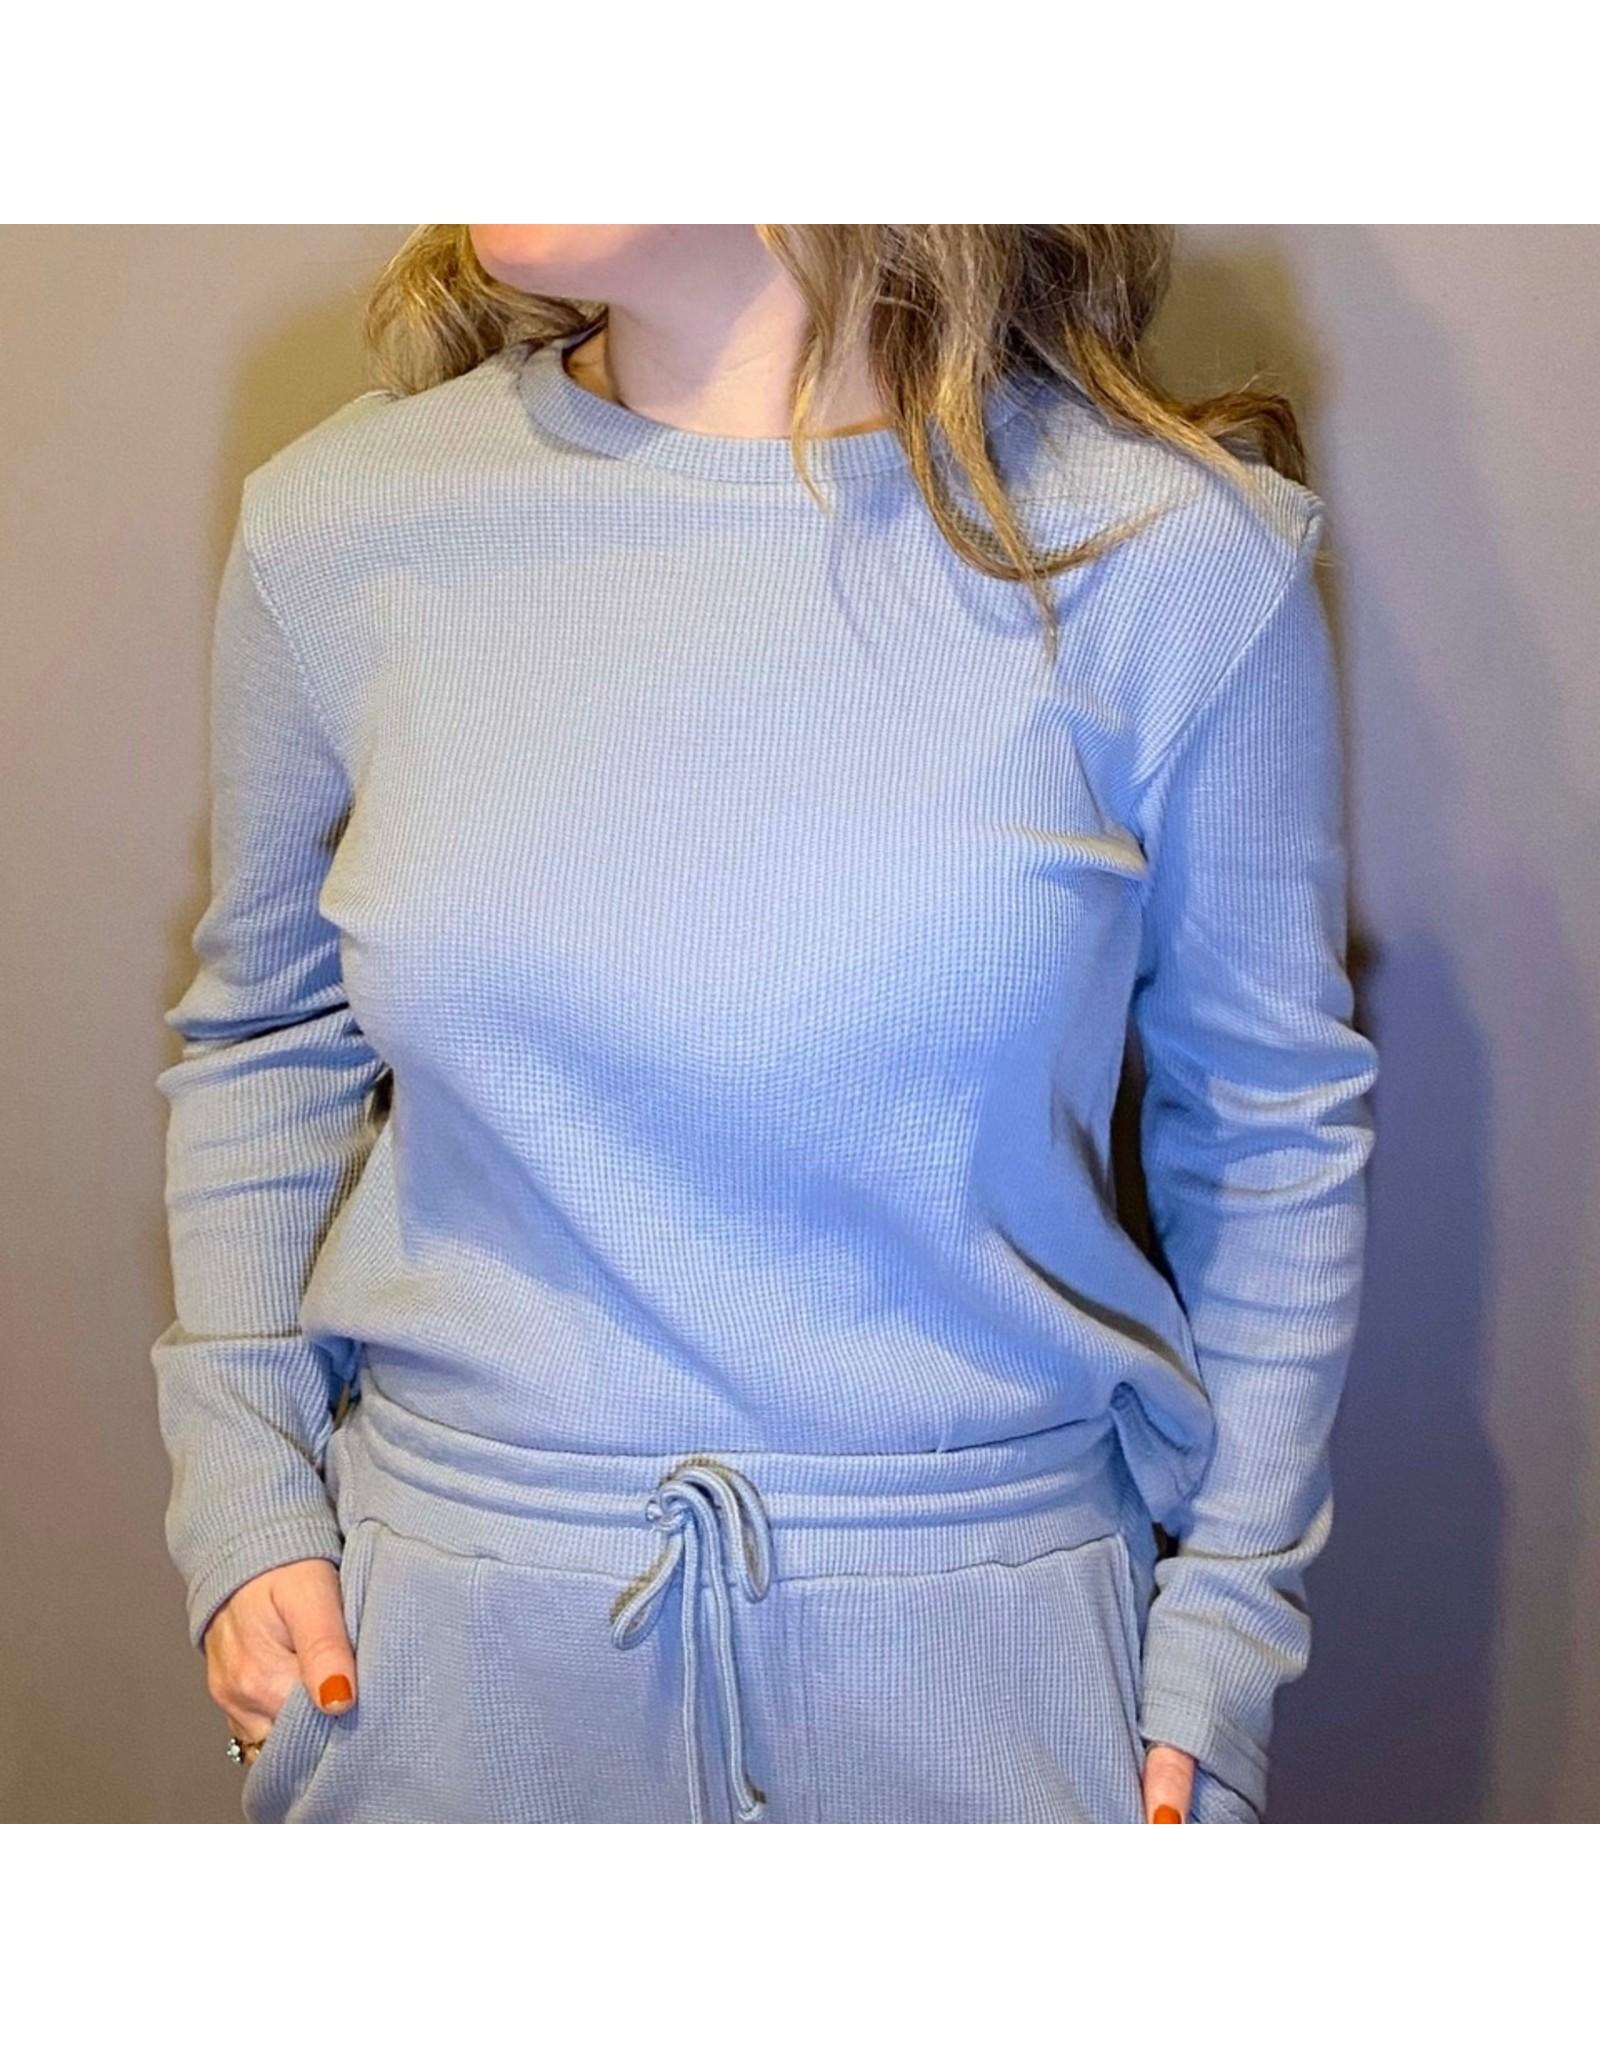 Bonanza - Snuggle Top in Rose, Blue or Black